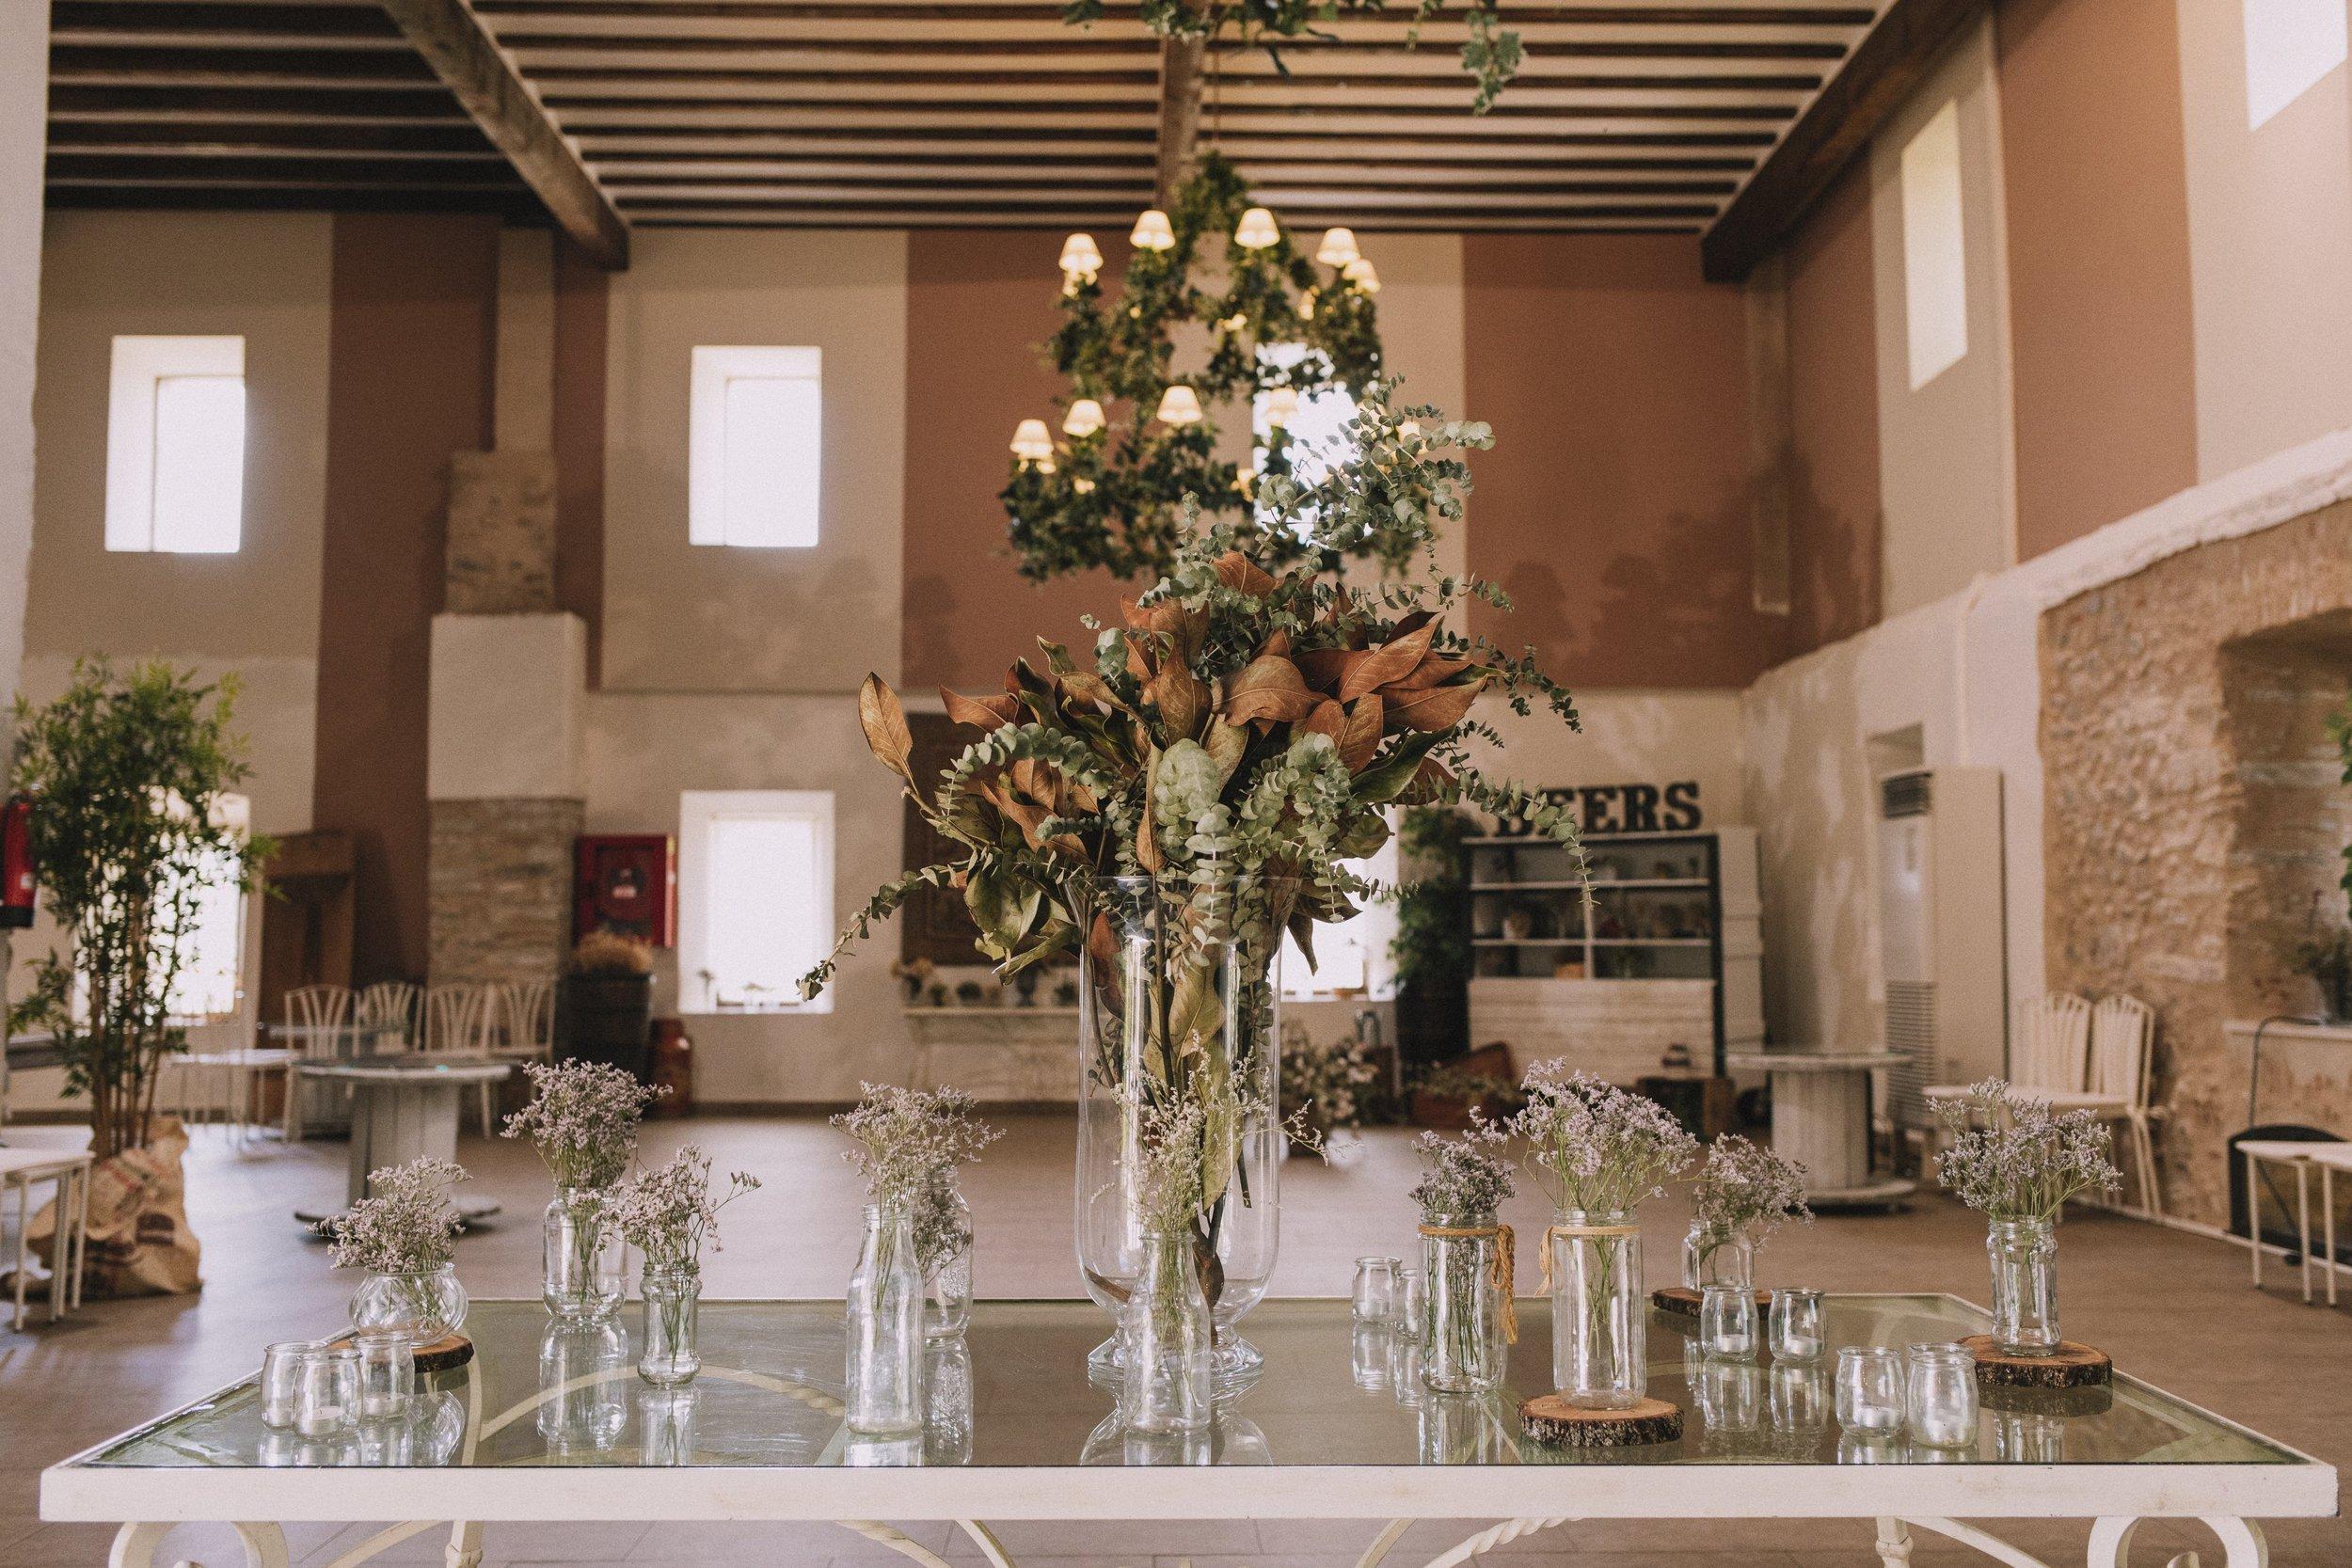 boda-finca-casa-oficios-cyc-0022.jpg